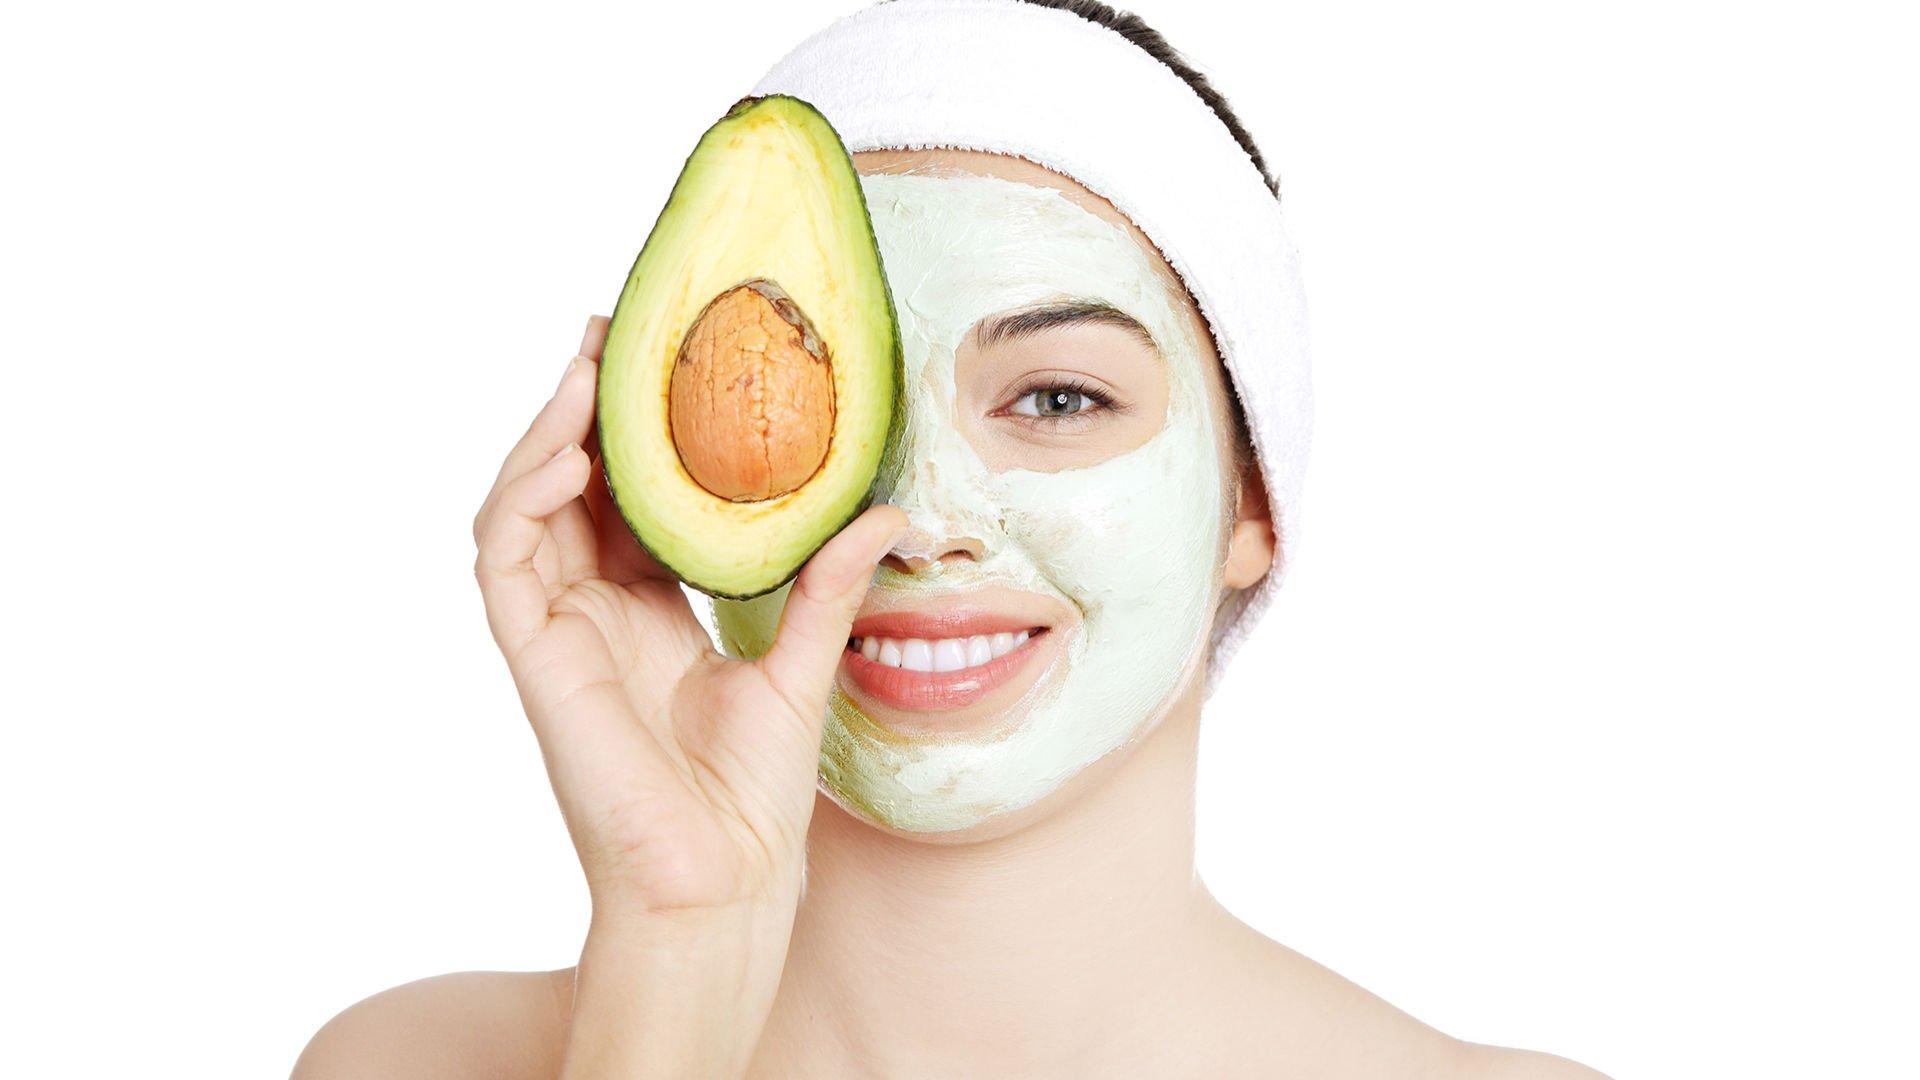 Yoğurtla Yüz Maskesi Nasıl Yapılır: Yoğurt Maskesi